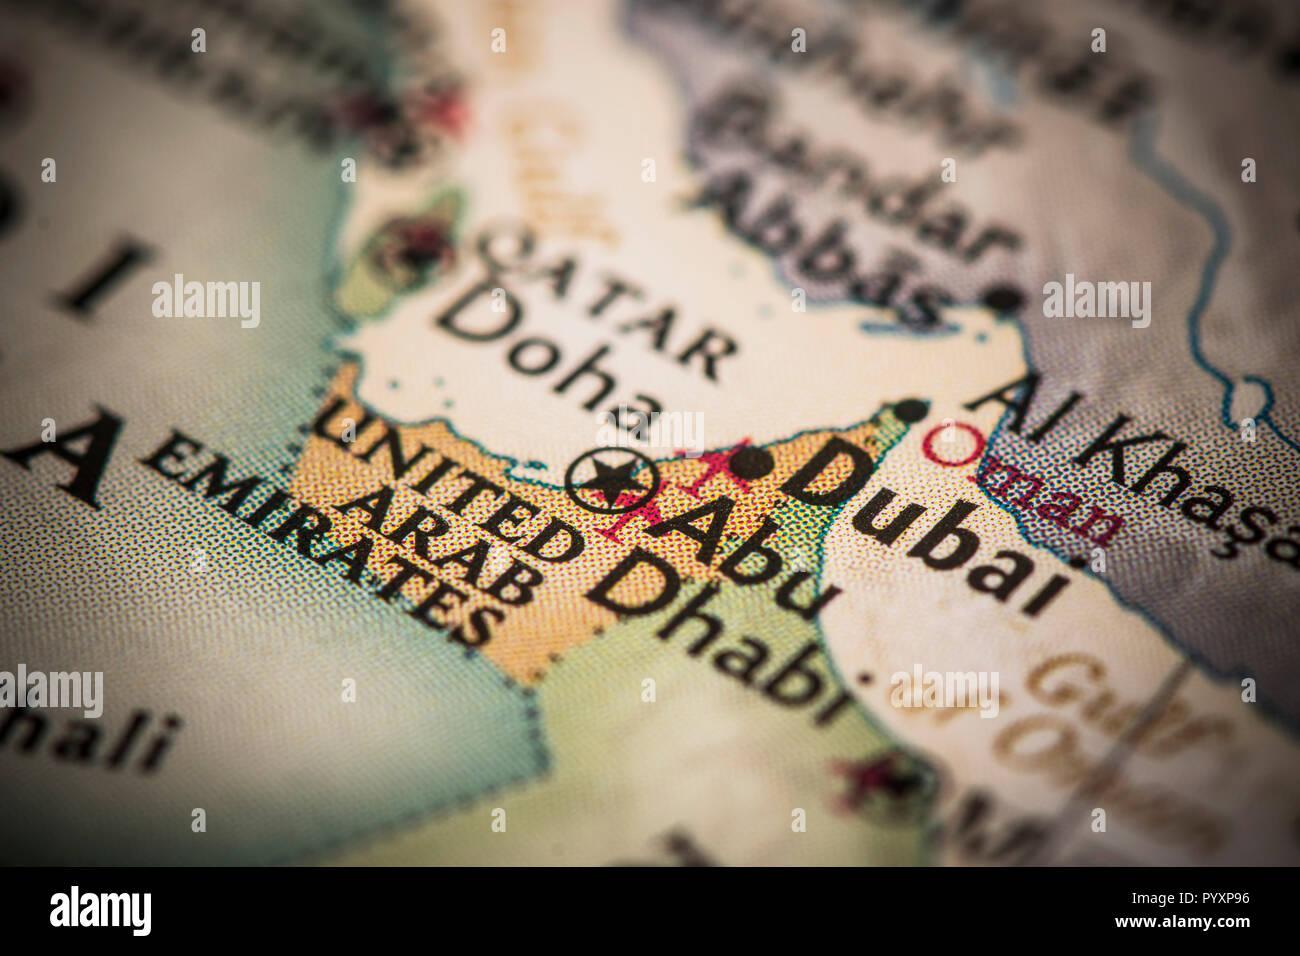 Dubai and United Arab Emirates on a world map. - Stock Image